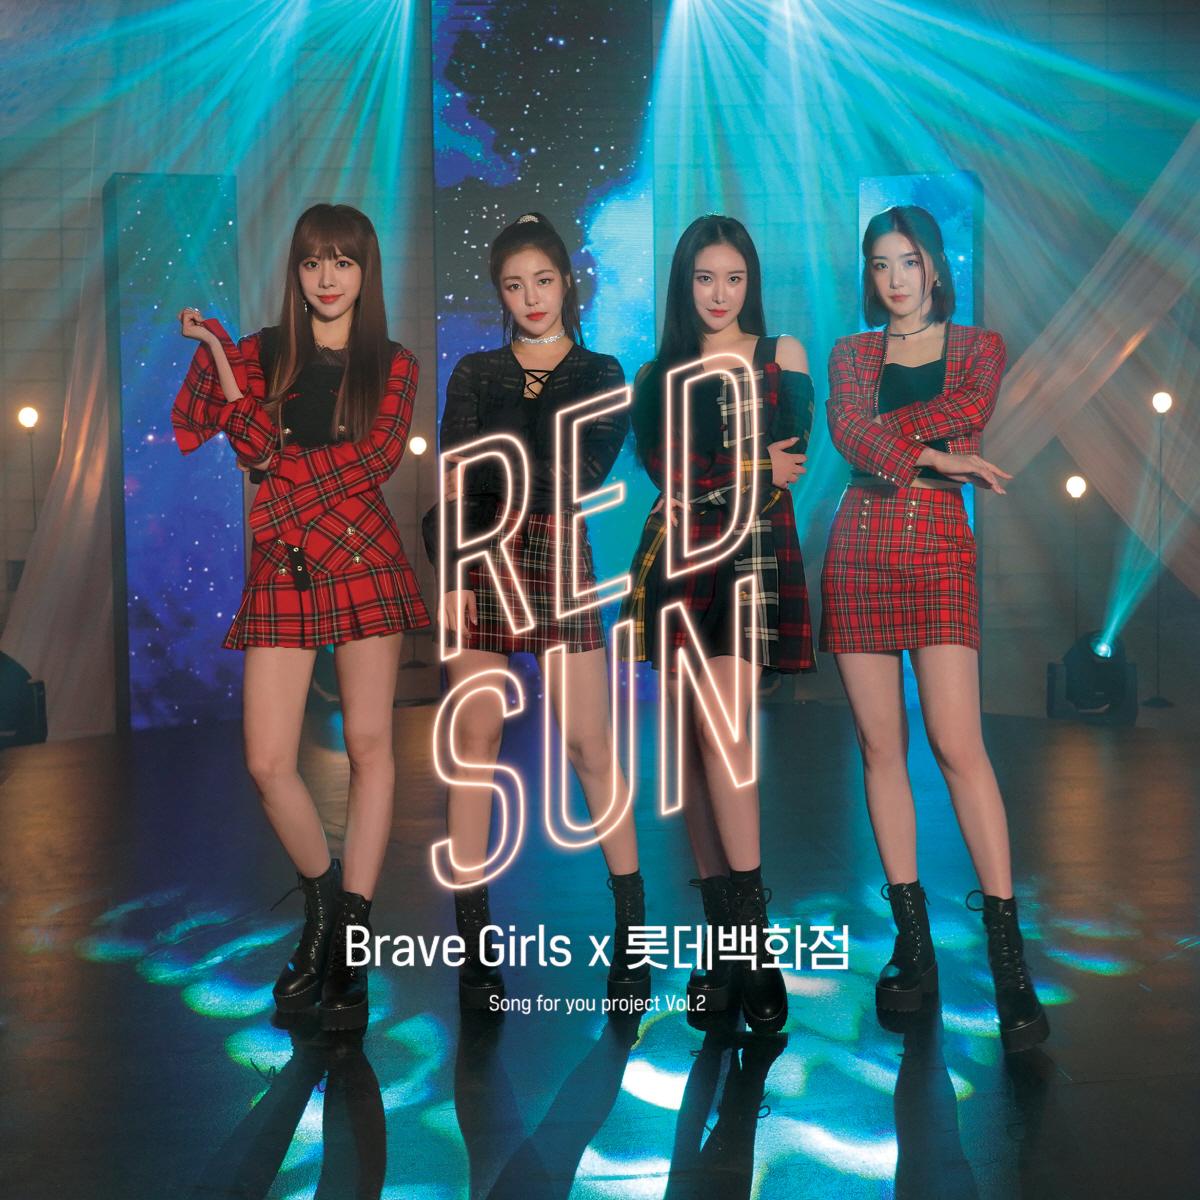 16일(금), 브레이브걸스 프로젝트 앨범 'RED SUN (With 롯백)' 발매 | 인스티즈